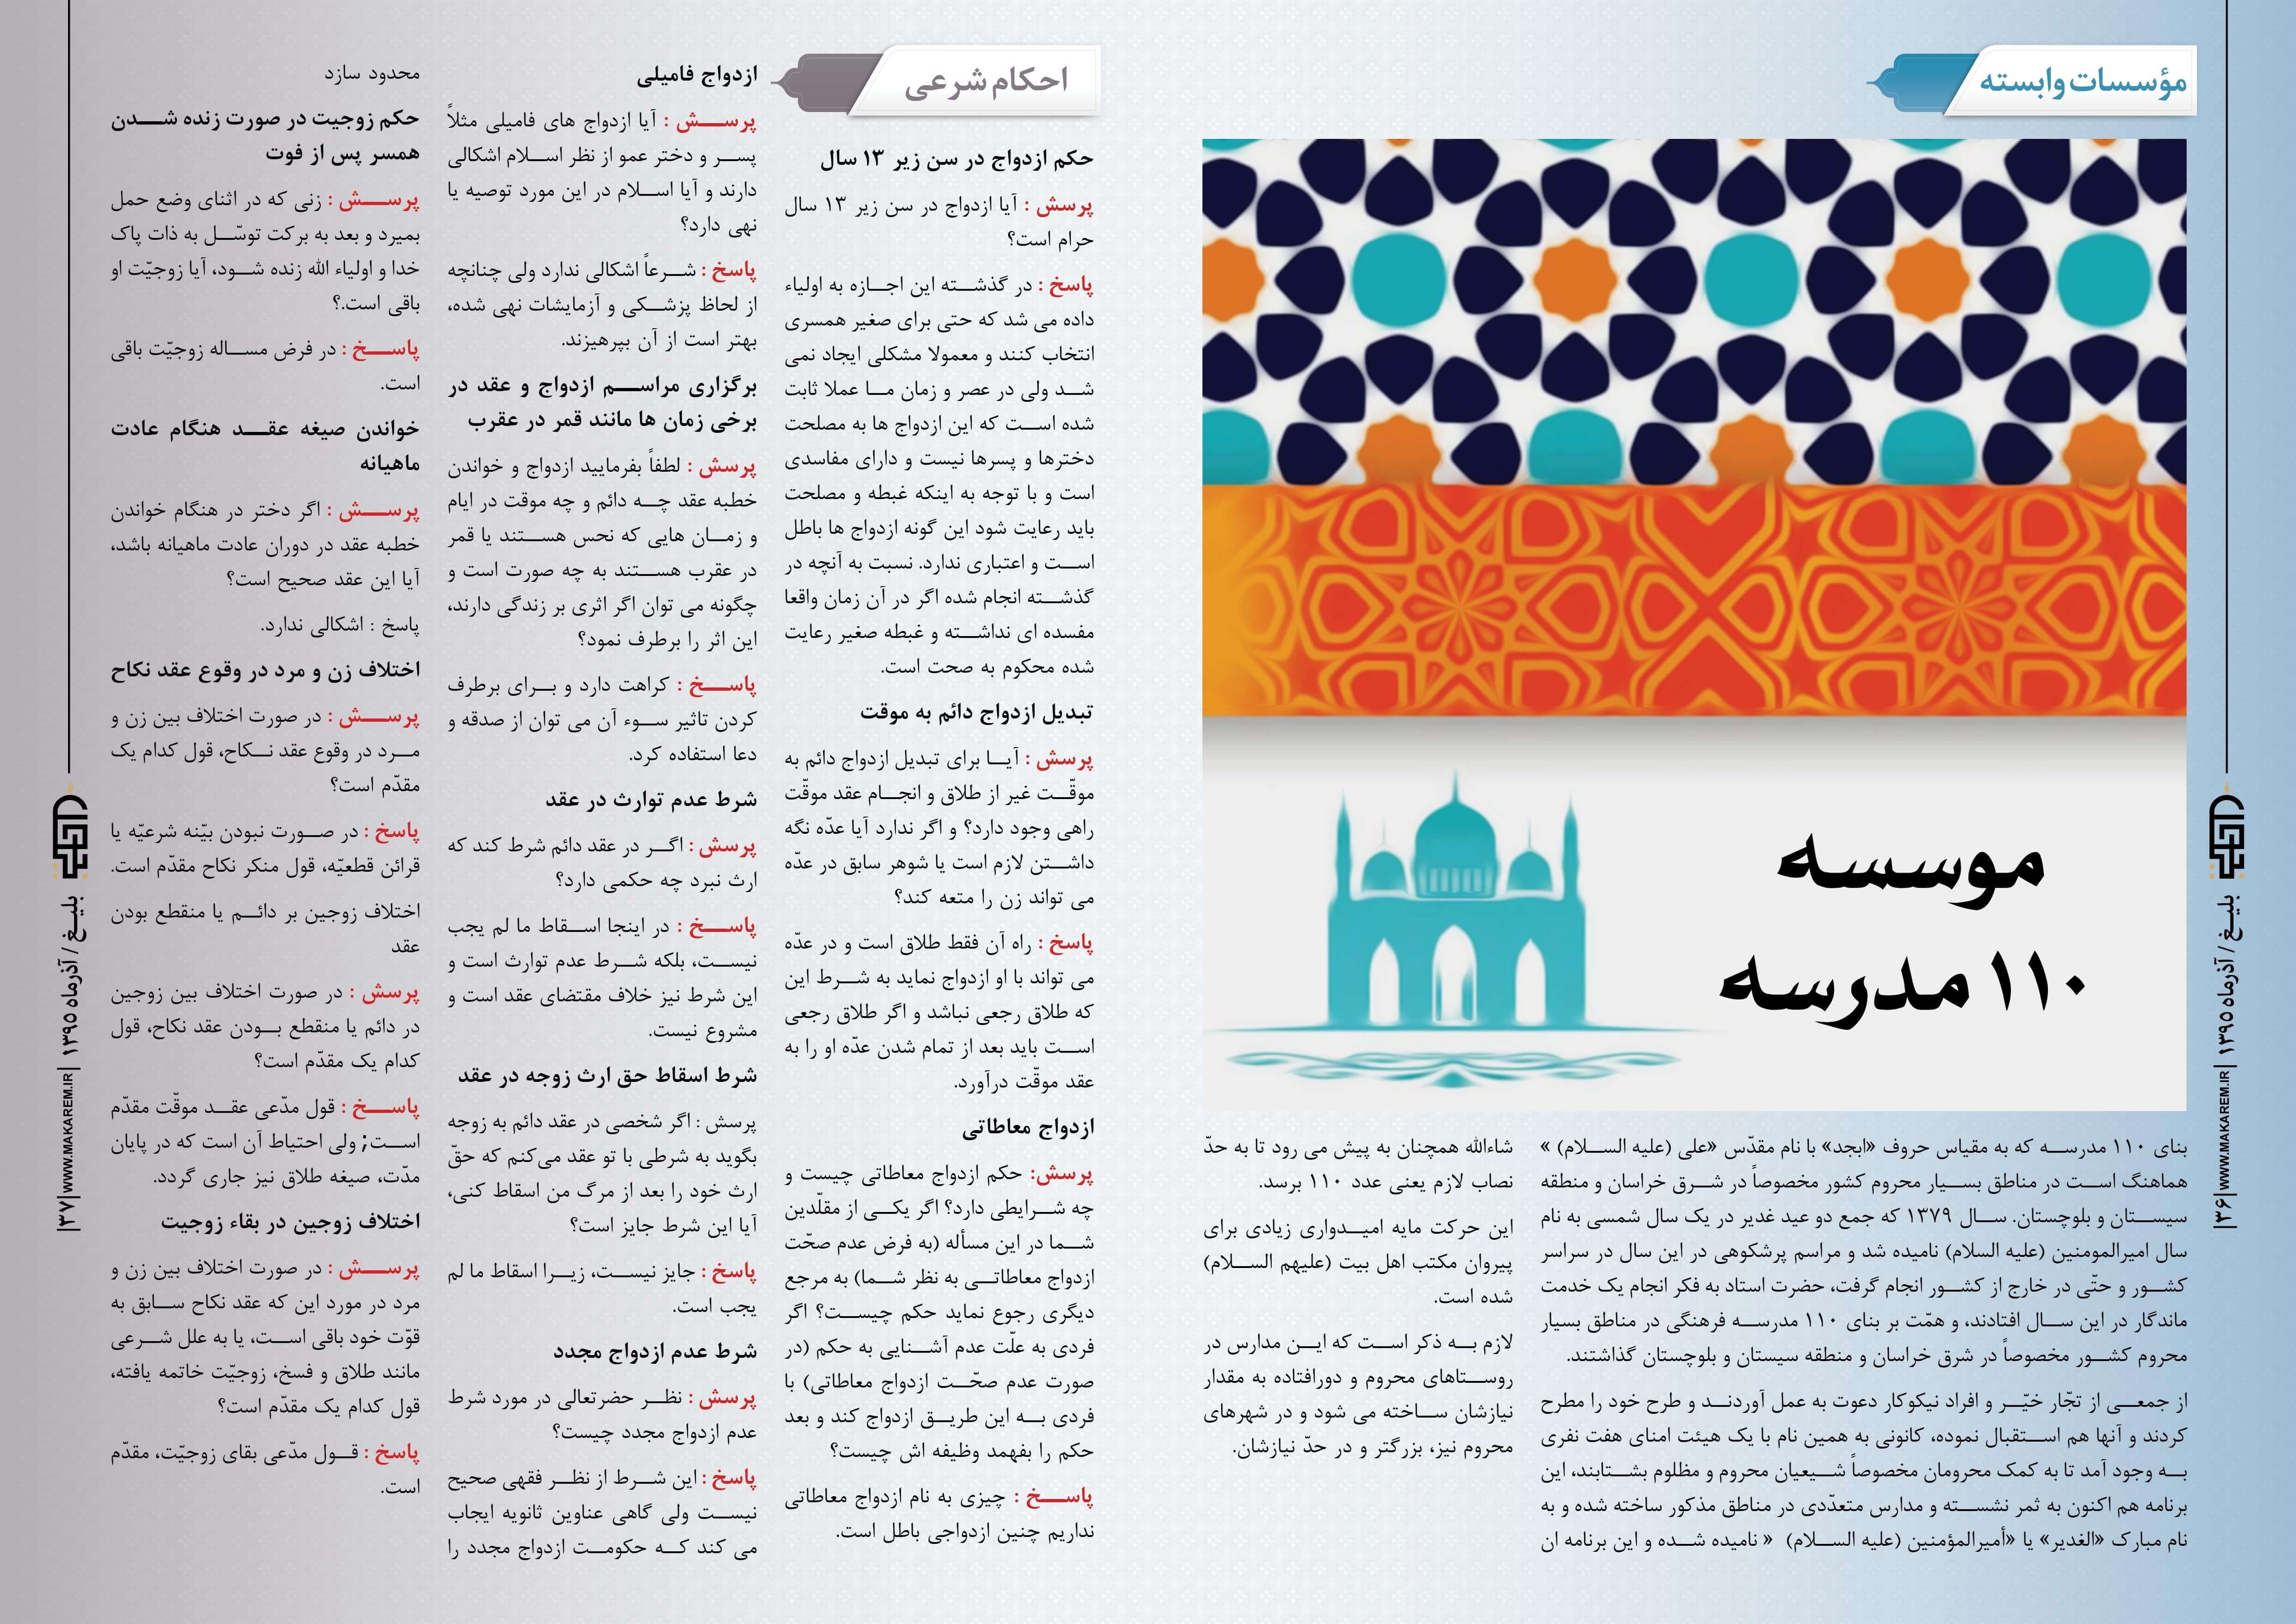 مؤسسات وابسته و احکام شرعی-مدرسه الامام امیر المومنین (ع)